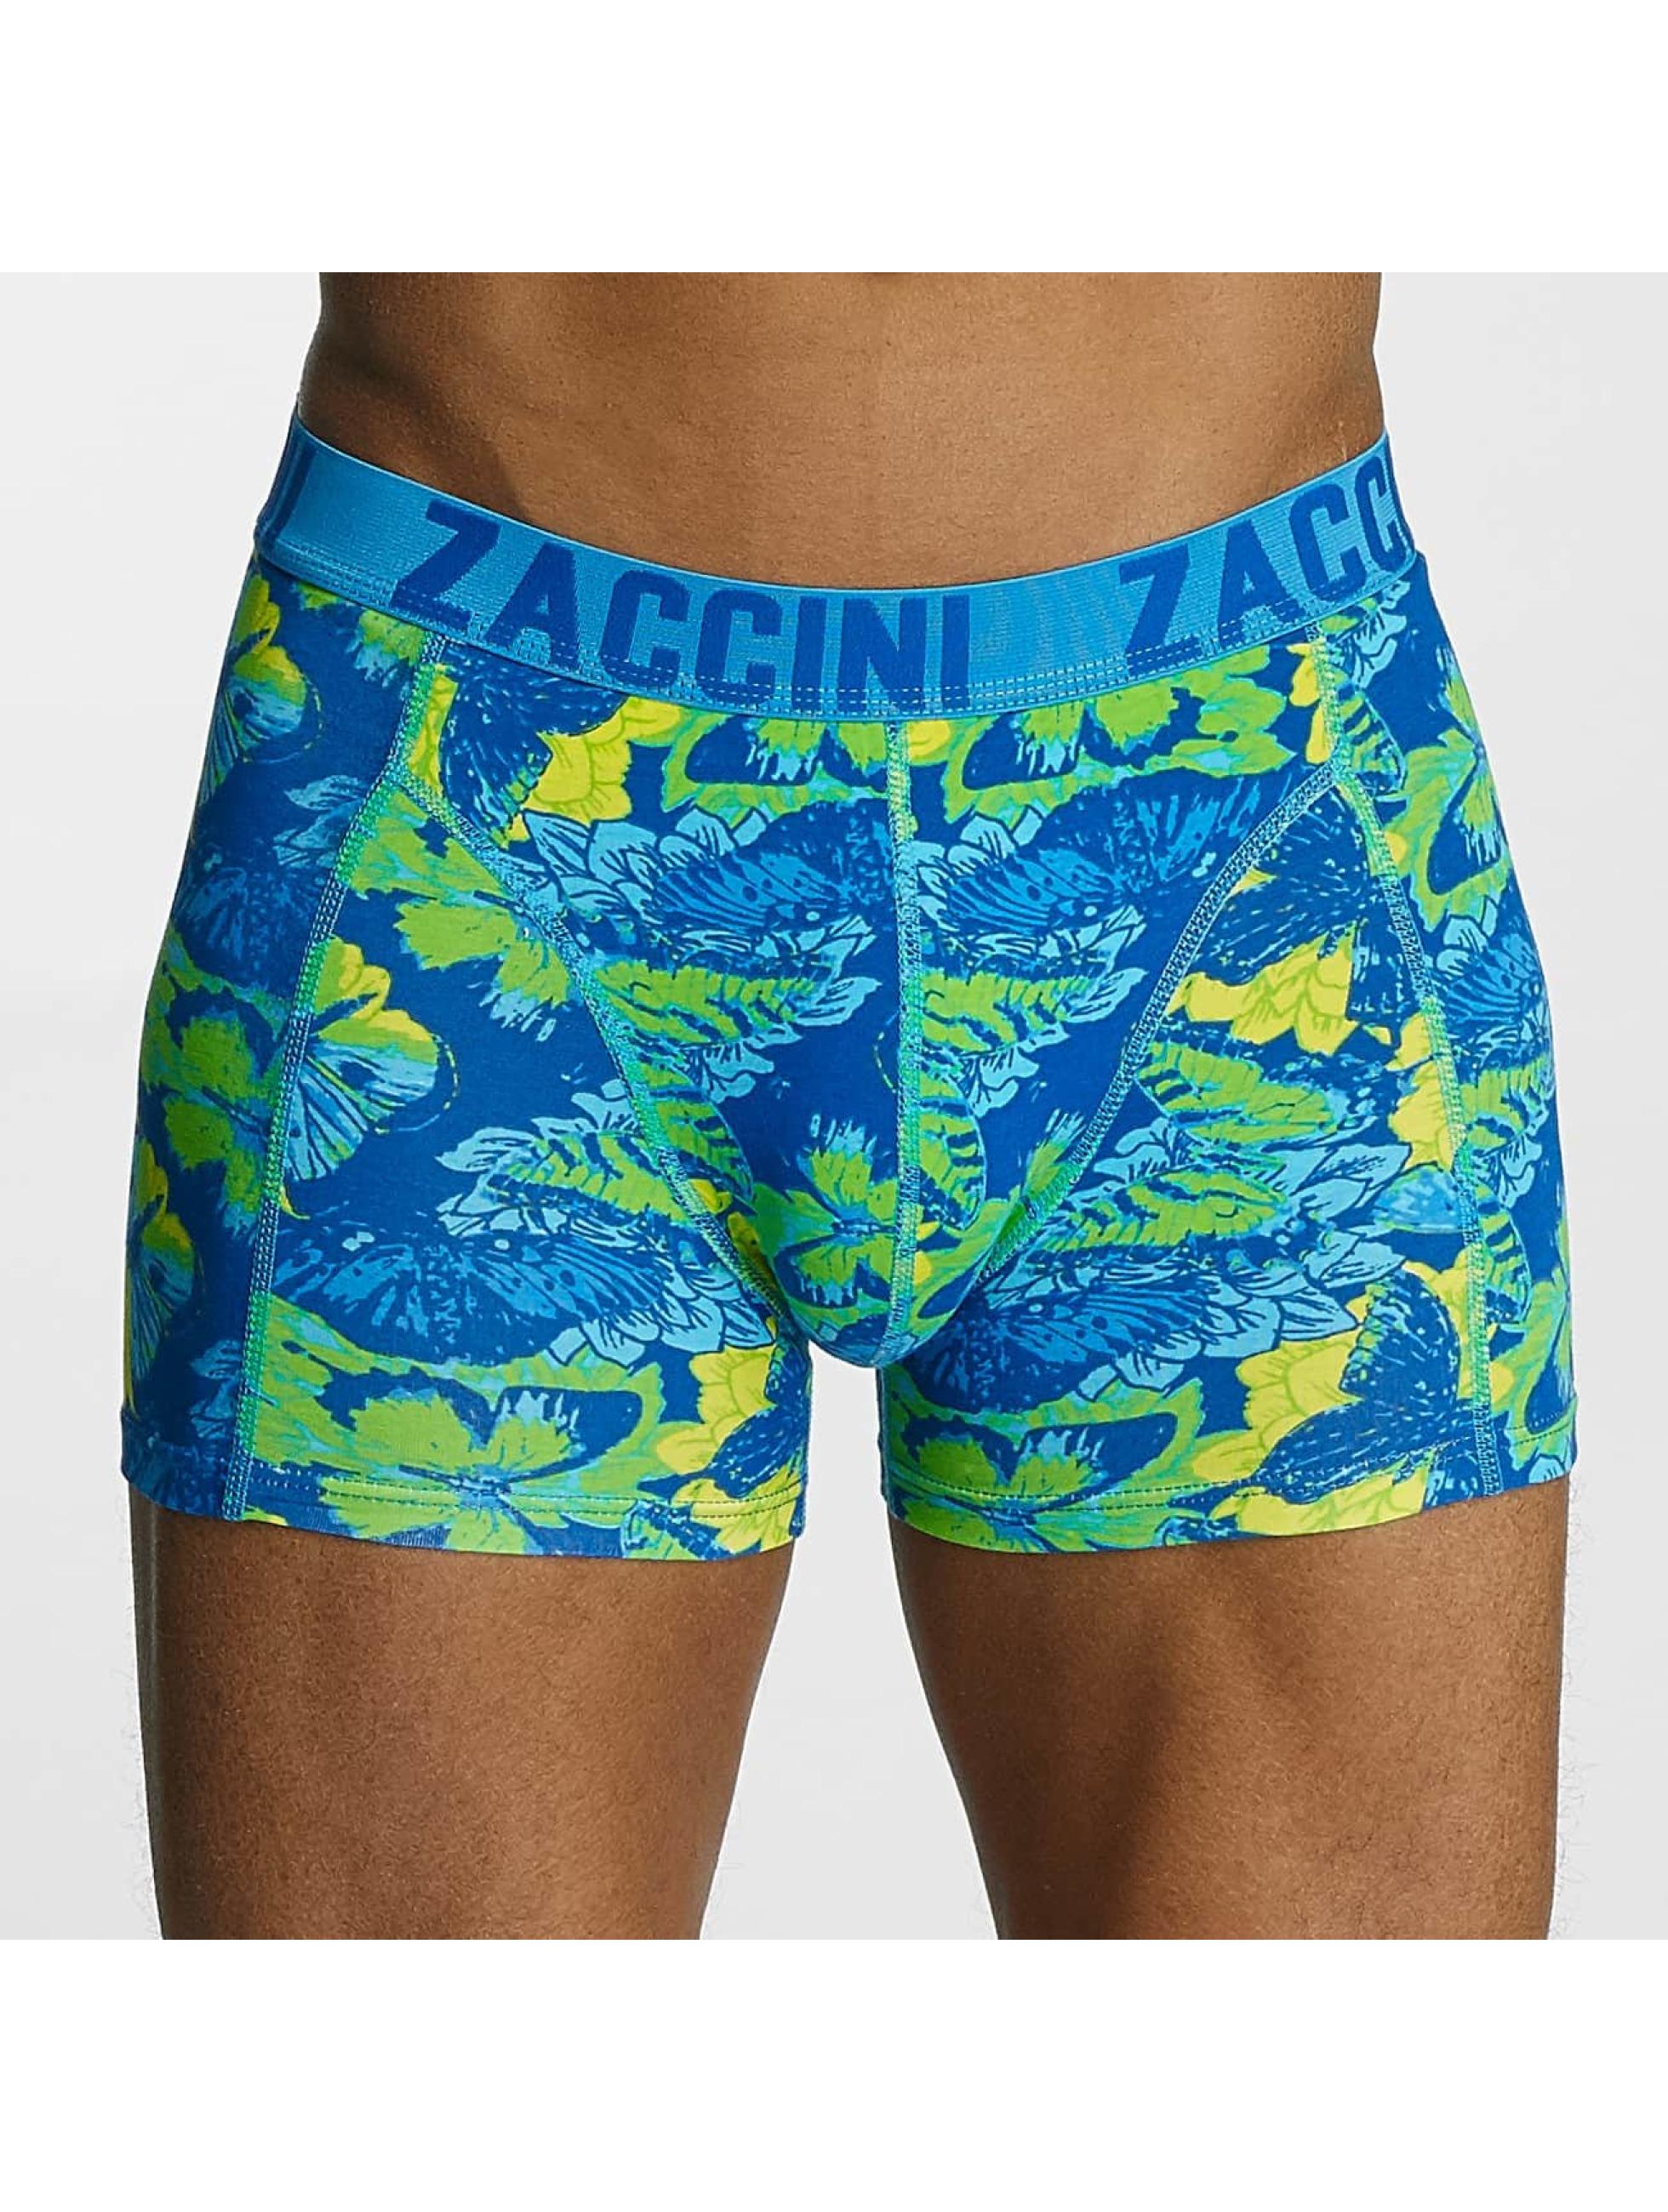 Zaccini Boxer Short Summer Butterfly blue